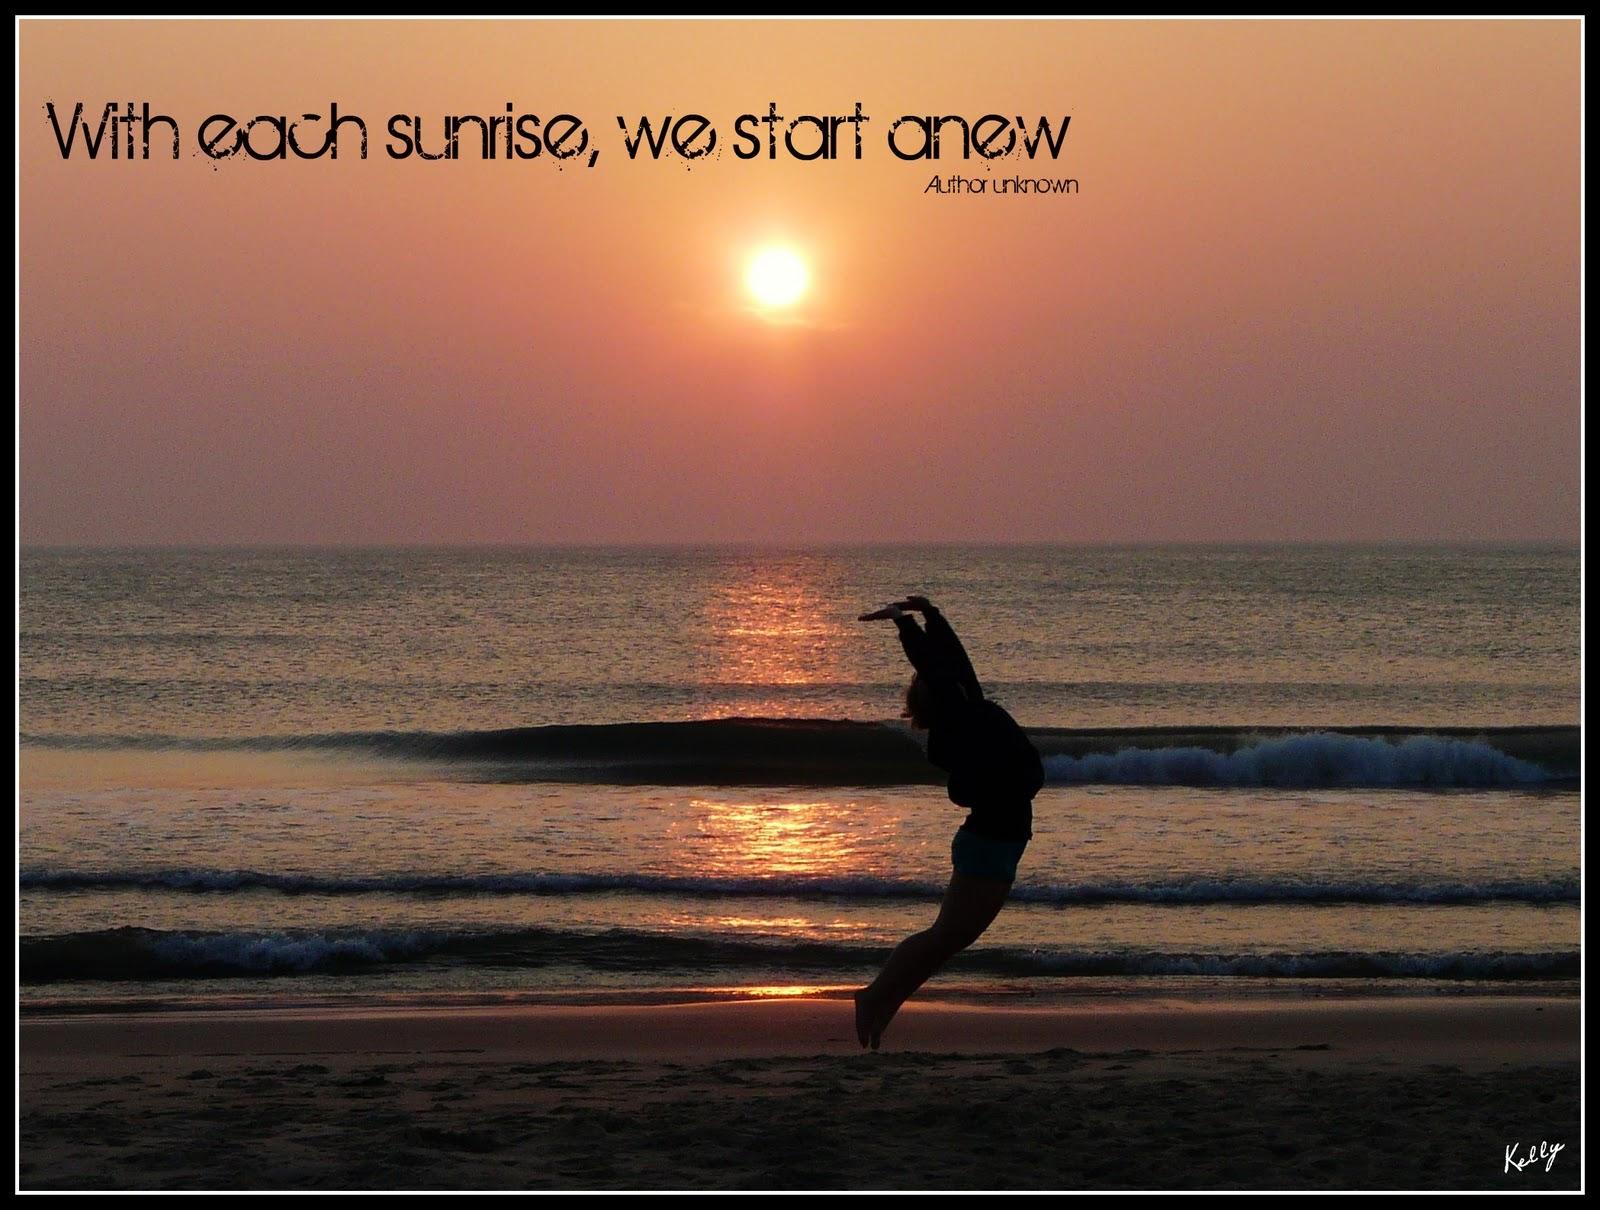 Sunrise Quotes About Love. QuotesGram